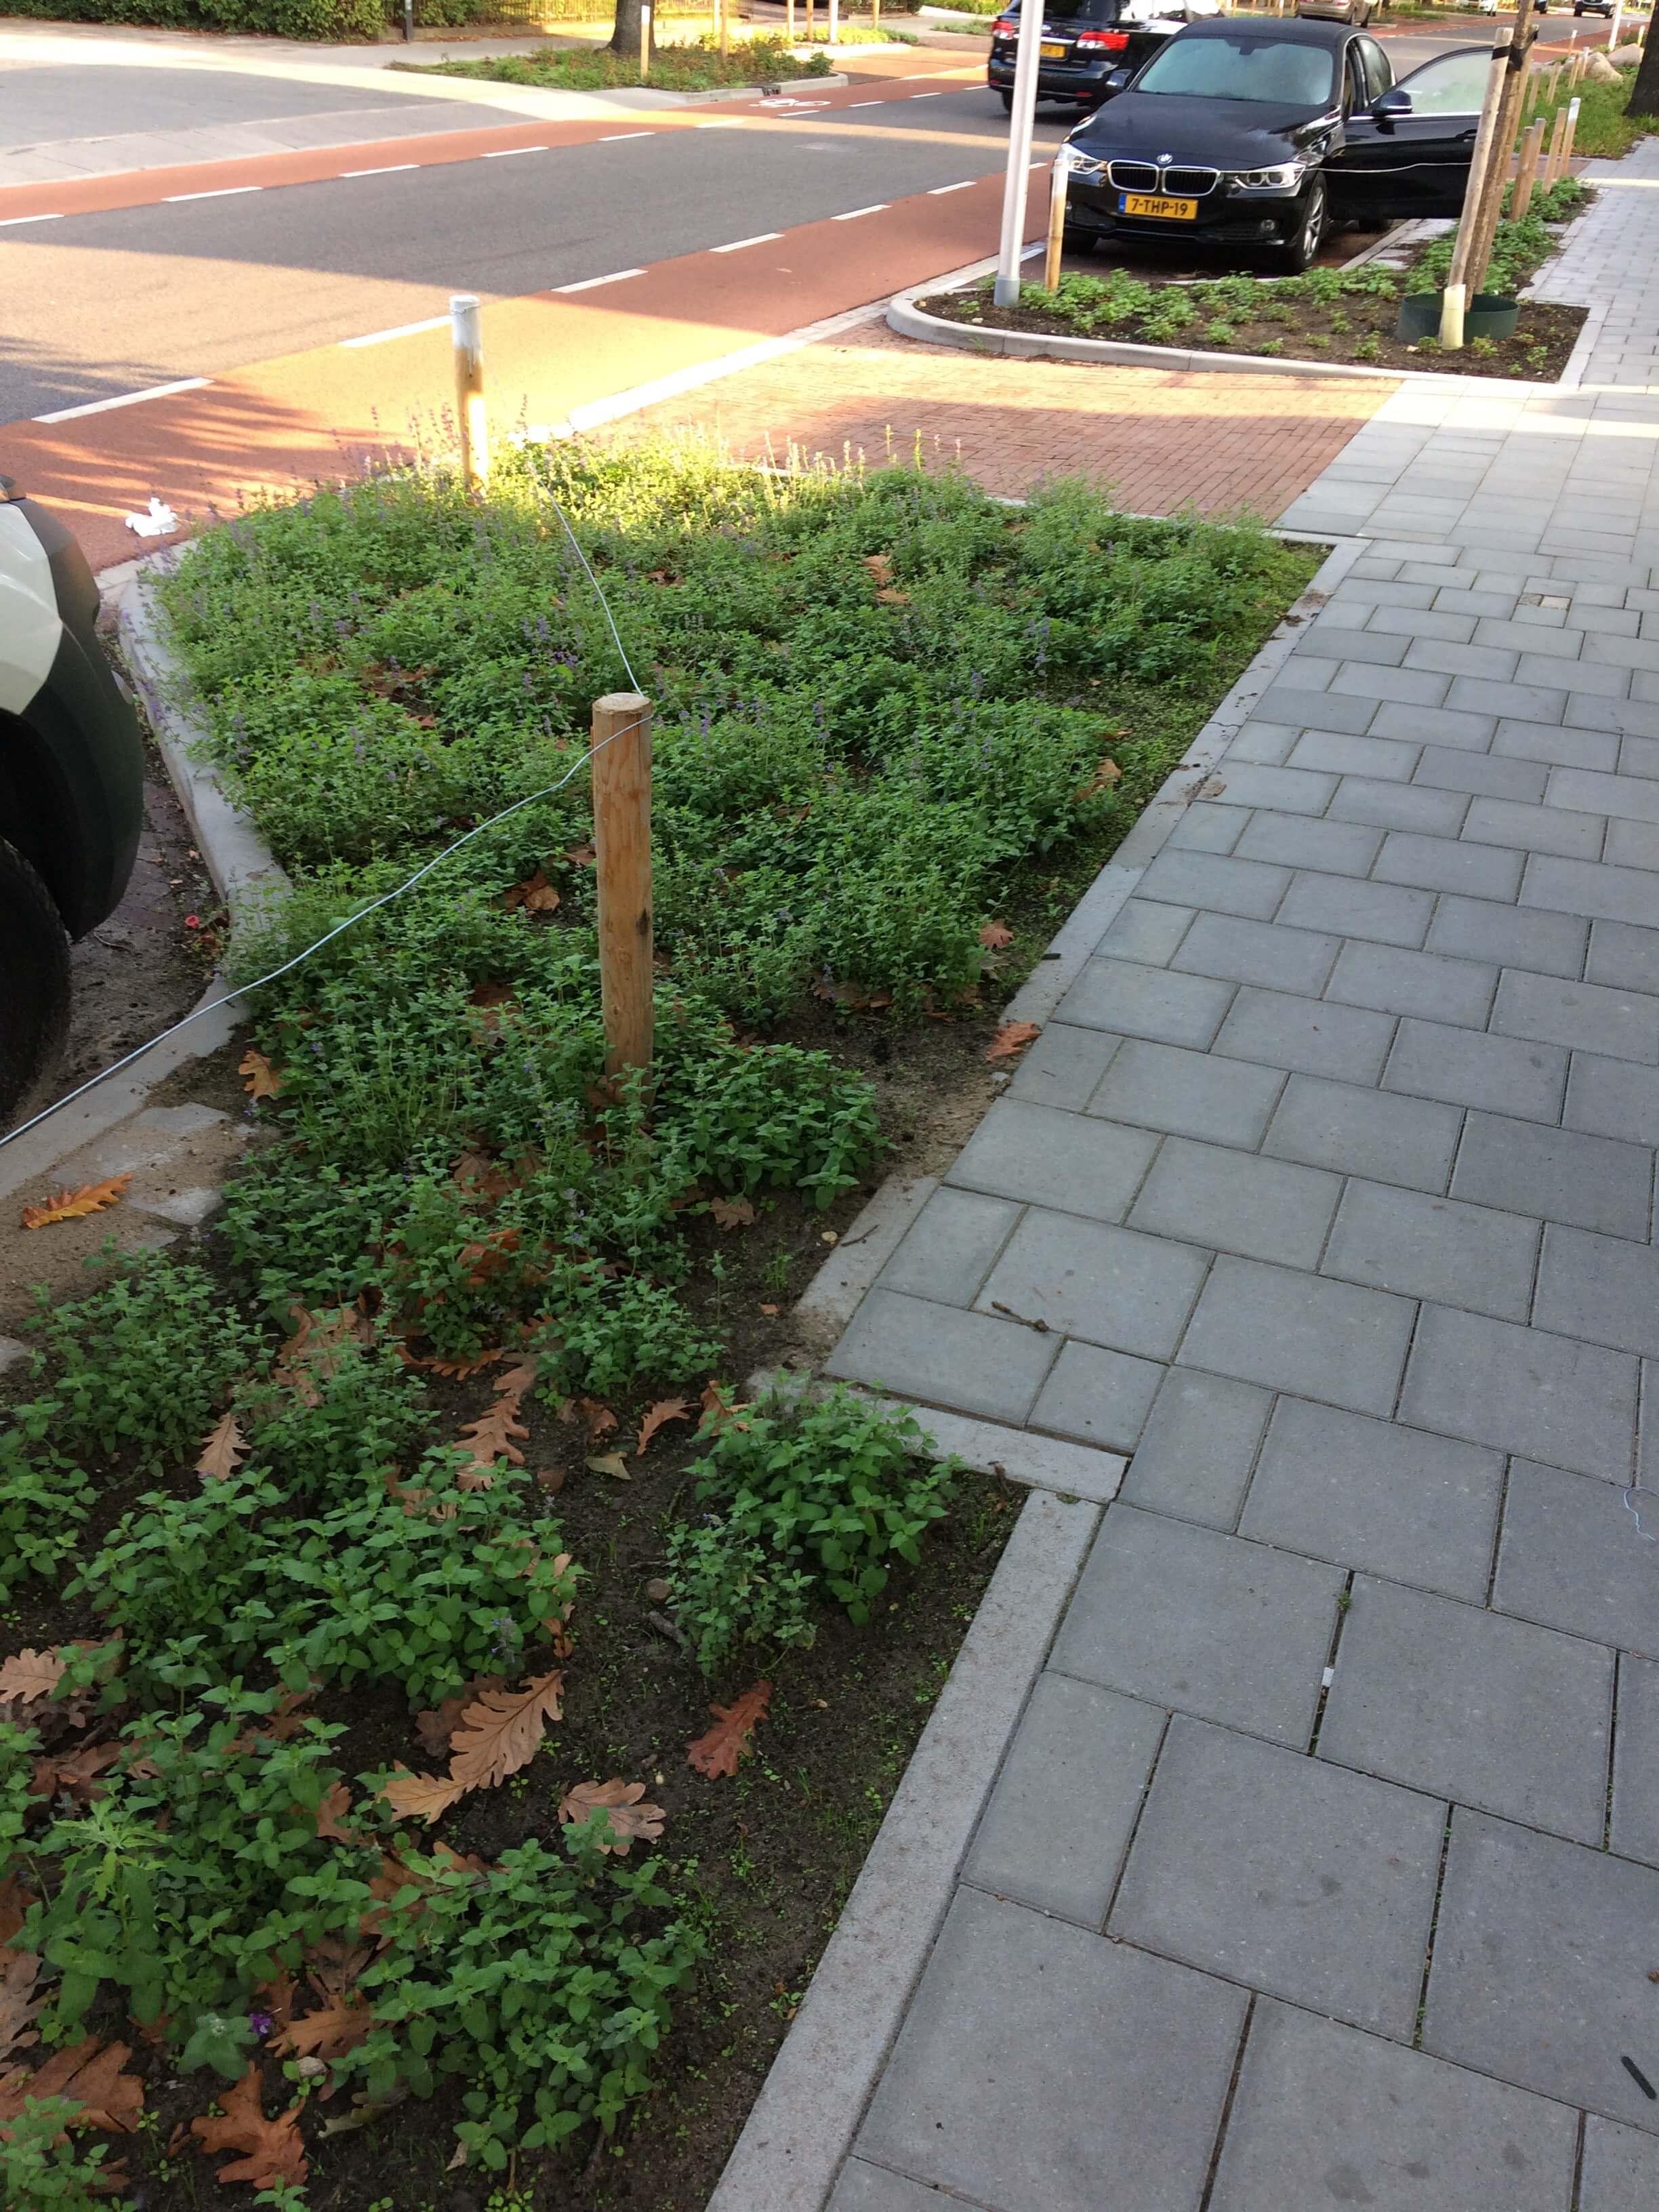 Hoefakker buitenruimte beplanting Zeist Bergweg (5)